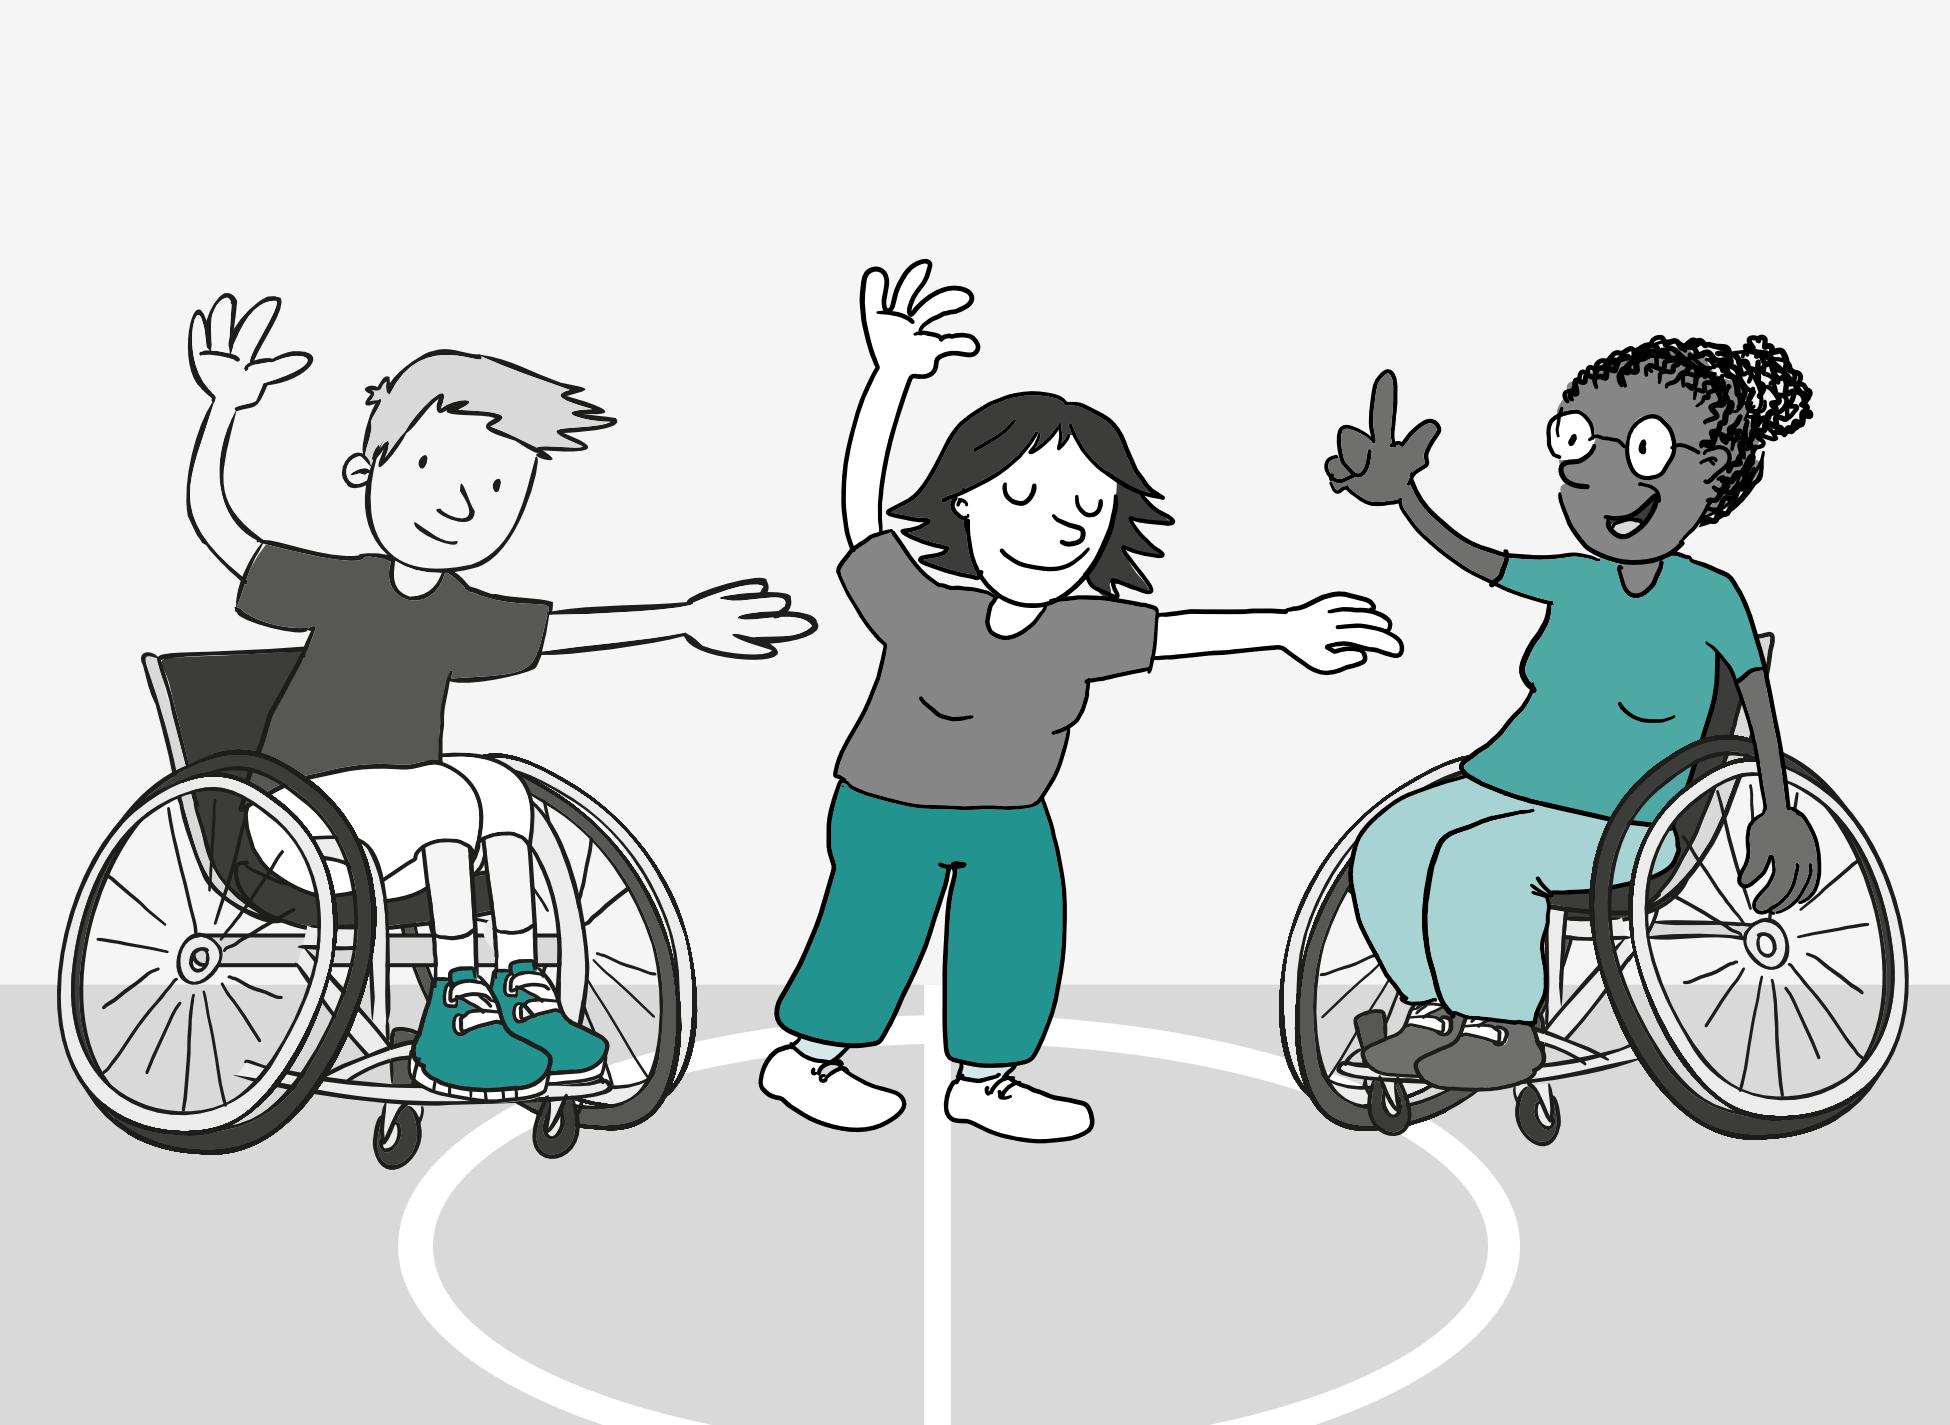 Eine ältere Dame im Sport-Rollstuhl gibt Anweisungen für eine Tanz-Übung. Ein junger Mann im Sport-Rollstuhl und eine stehende Frau führen die Übung aus. Beide haben die Arme im gleichen Winkel gehoben und die Oberkörper zur Seite geneigt.